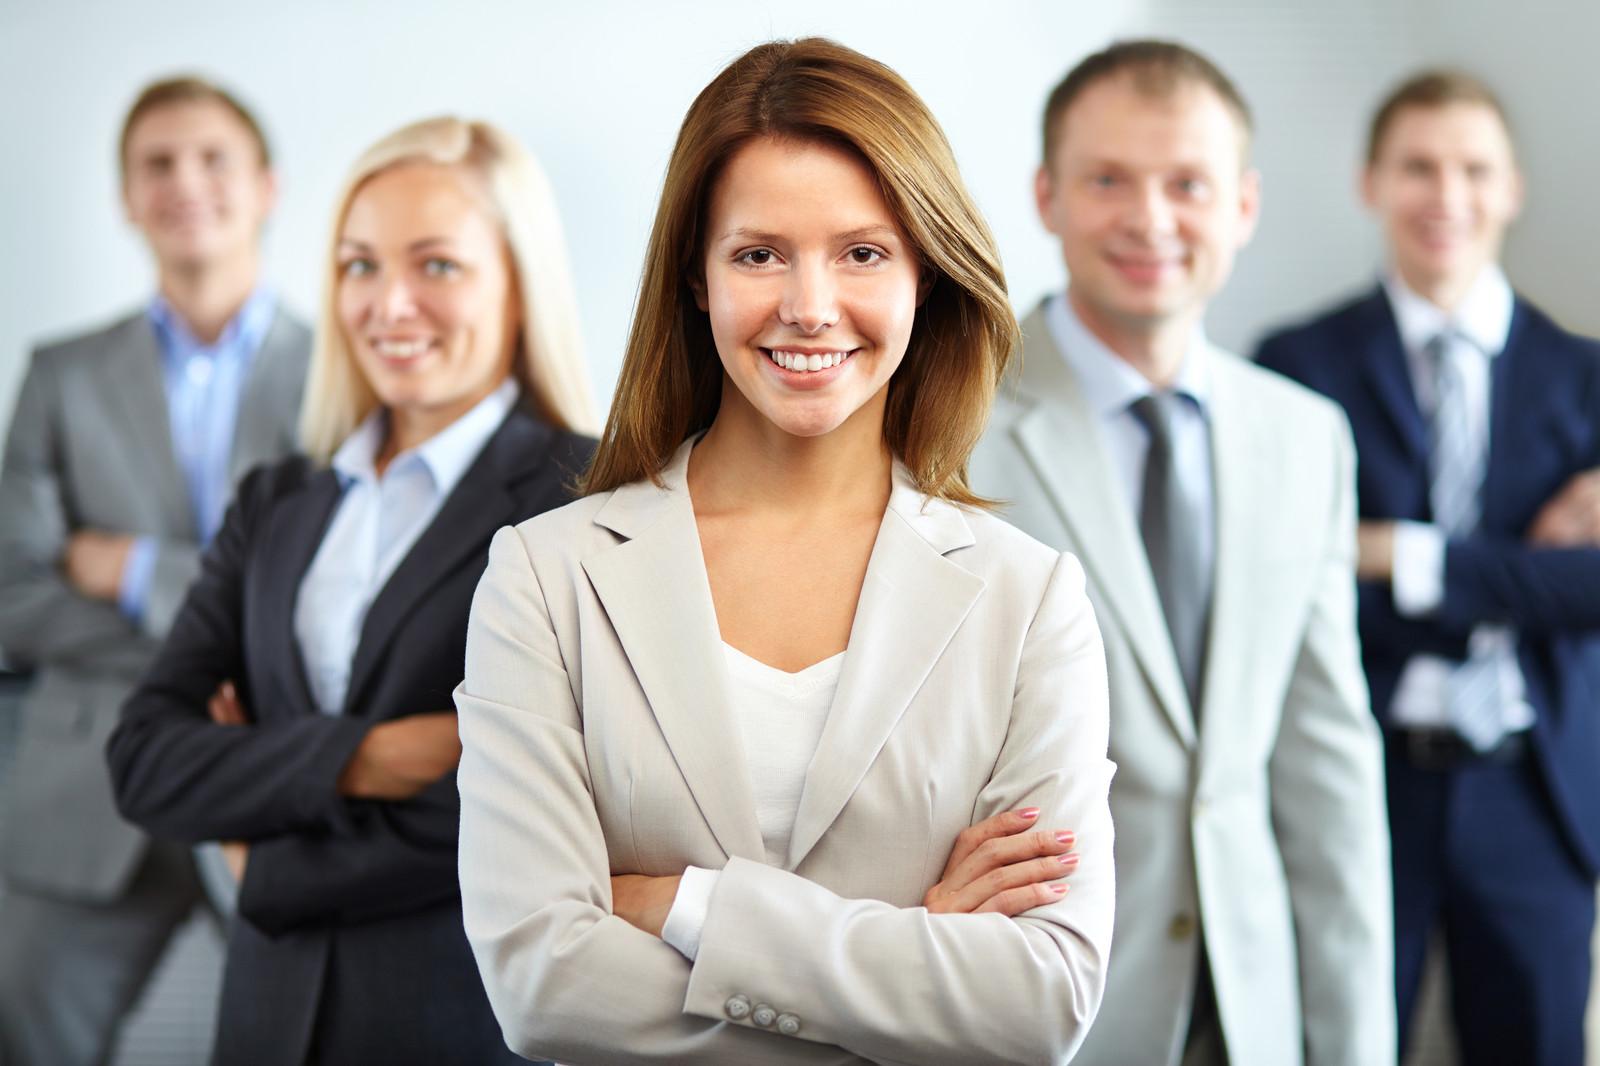 Women Leaders' Workshop